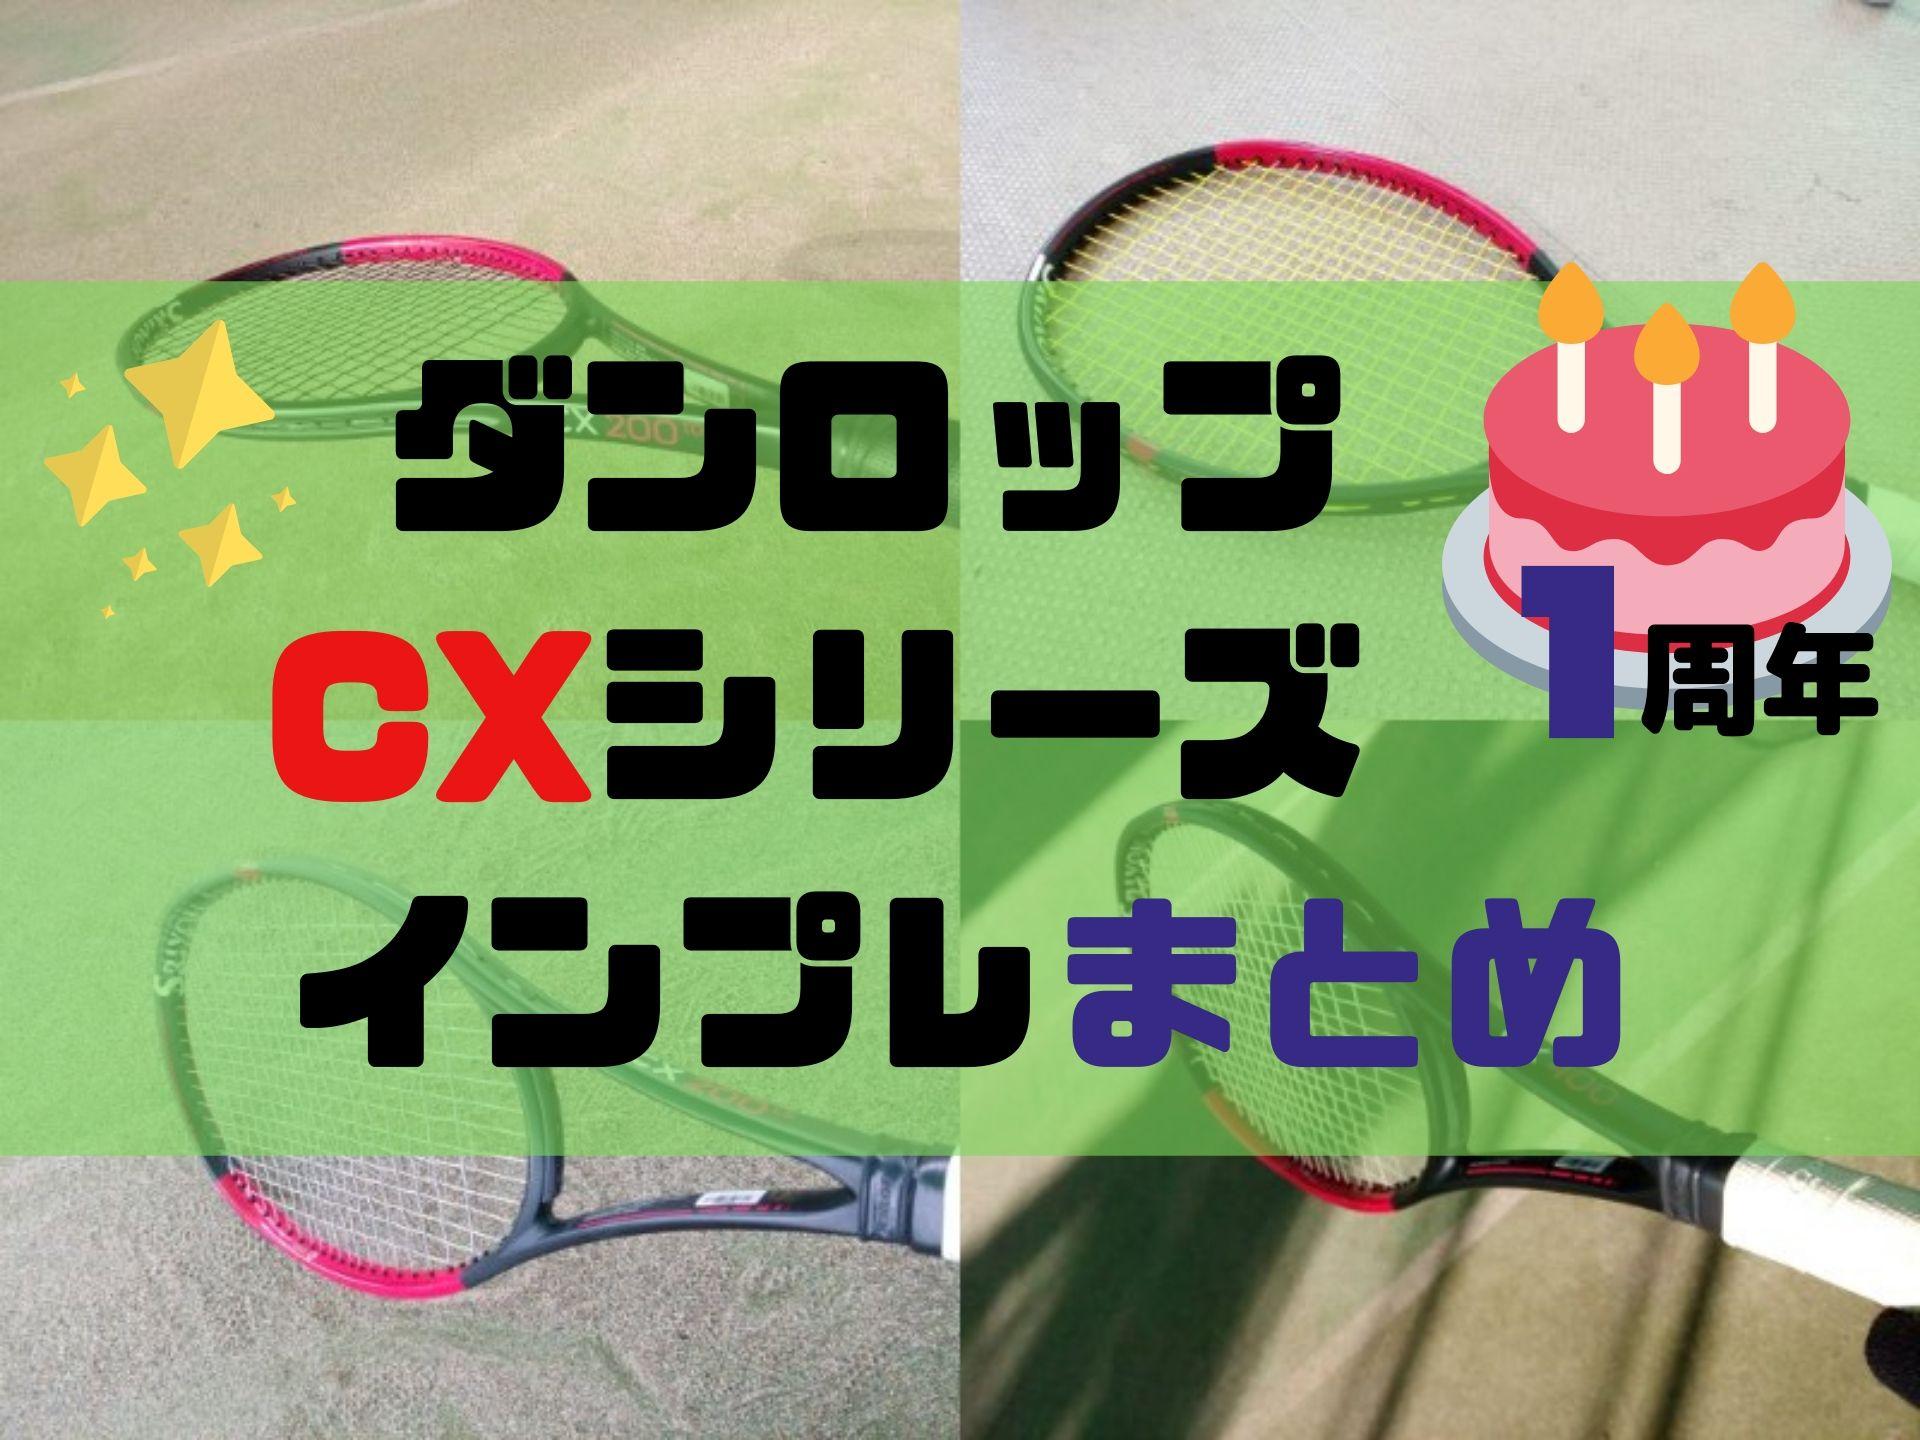 ダンロップCX200/CX200LS/CX400